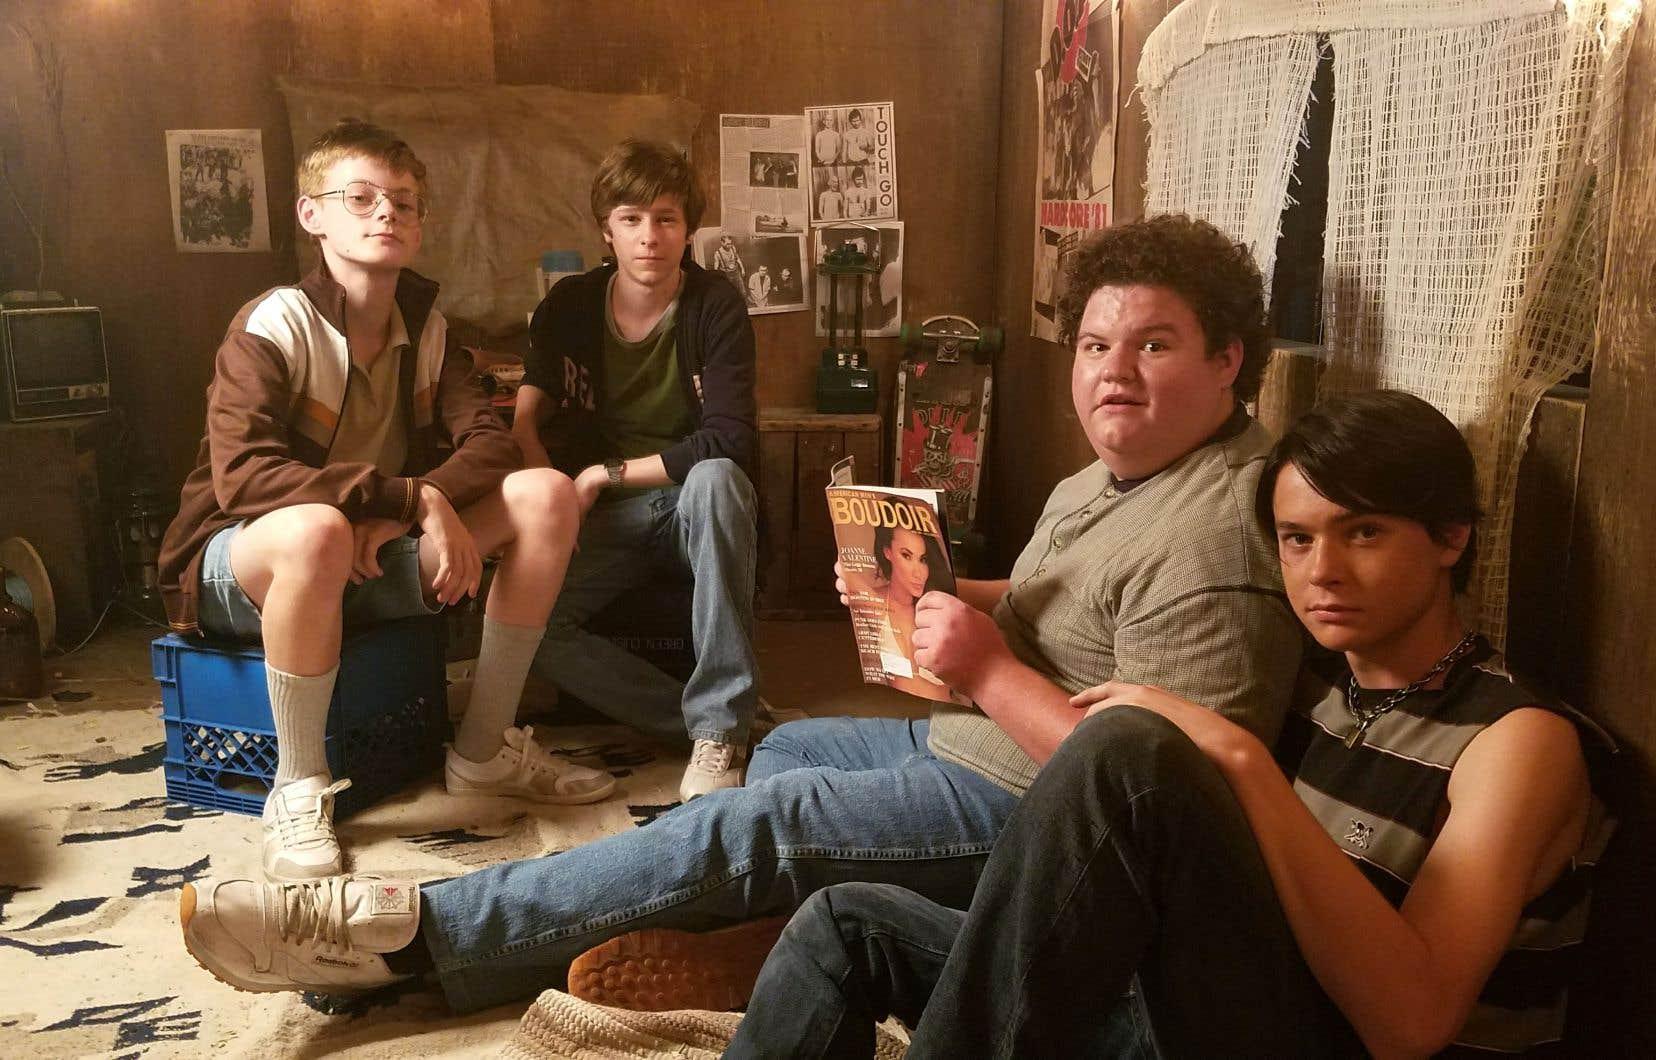 À la manière des «Goonies» ou de «Stand By Me», Davey (deuxième à partir de la gauche) et ses amis s'embarquent dans une aventure sur fond de meurtres au plus fort de l'été.